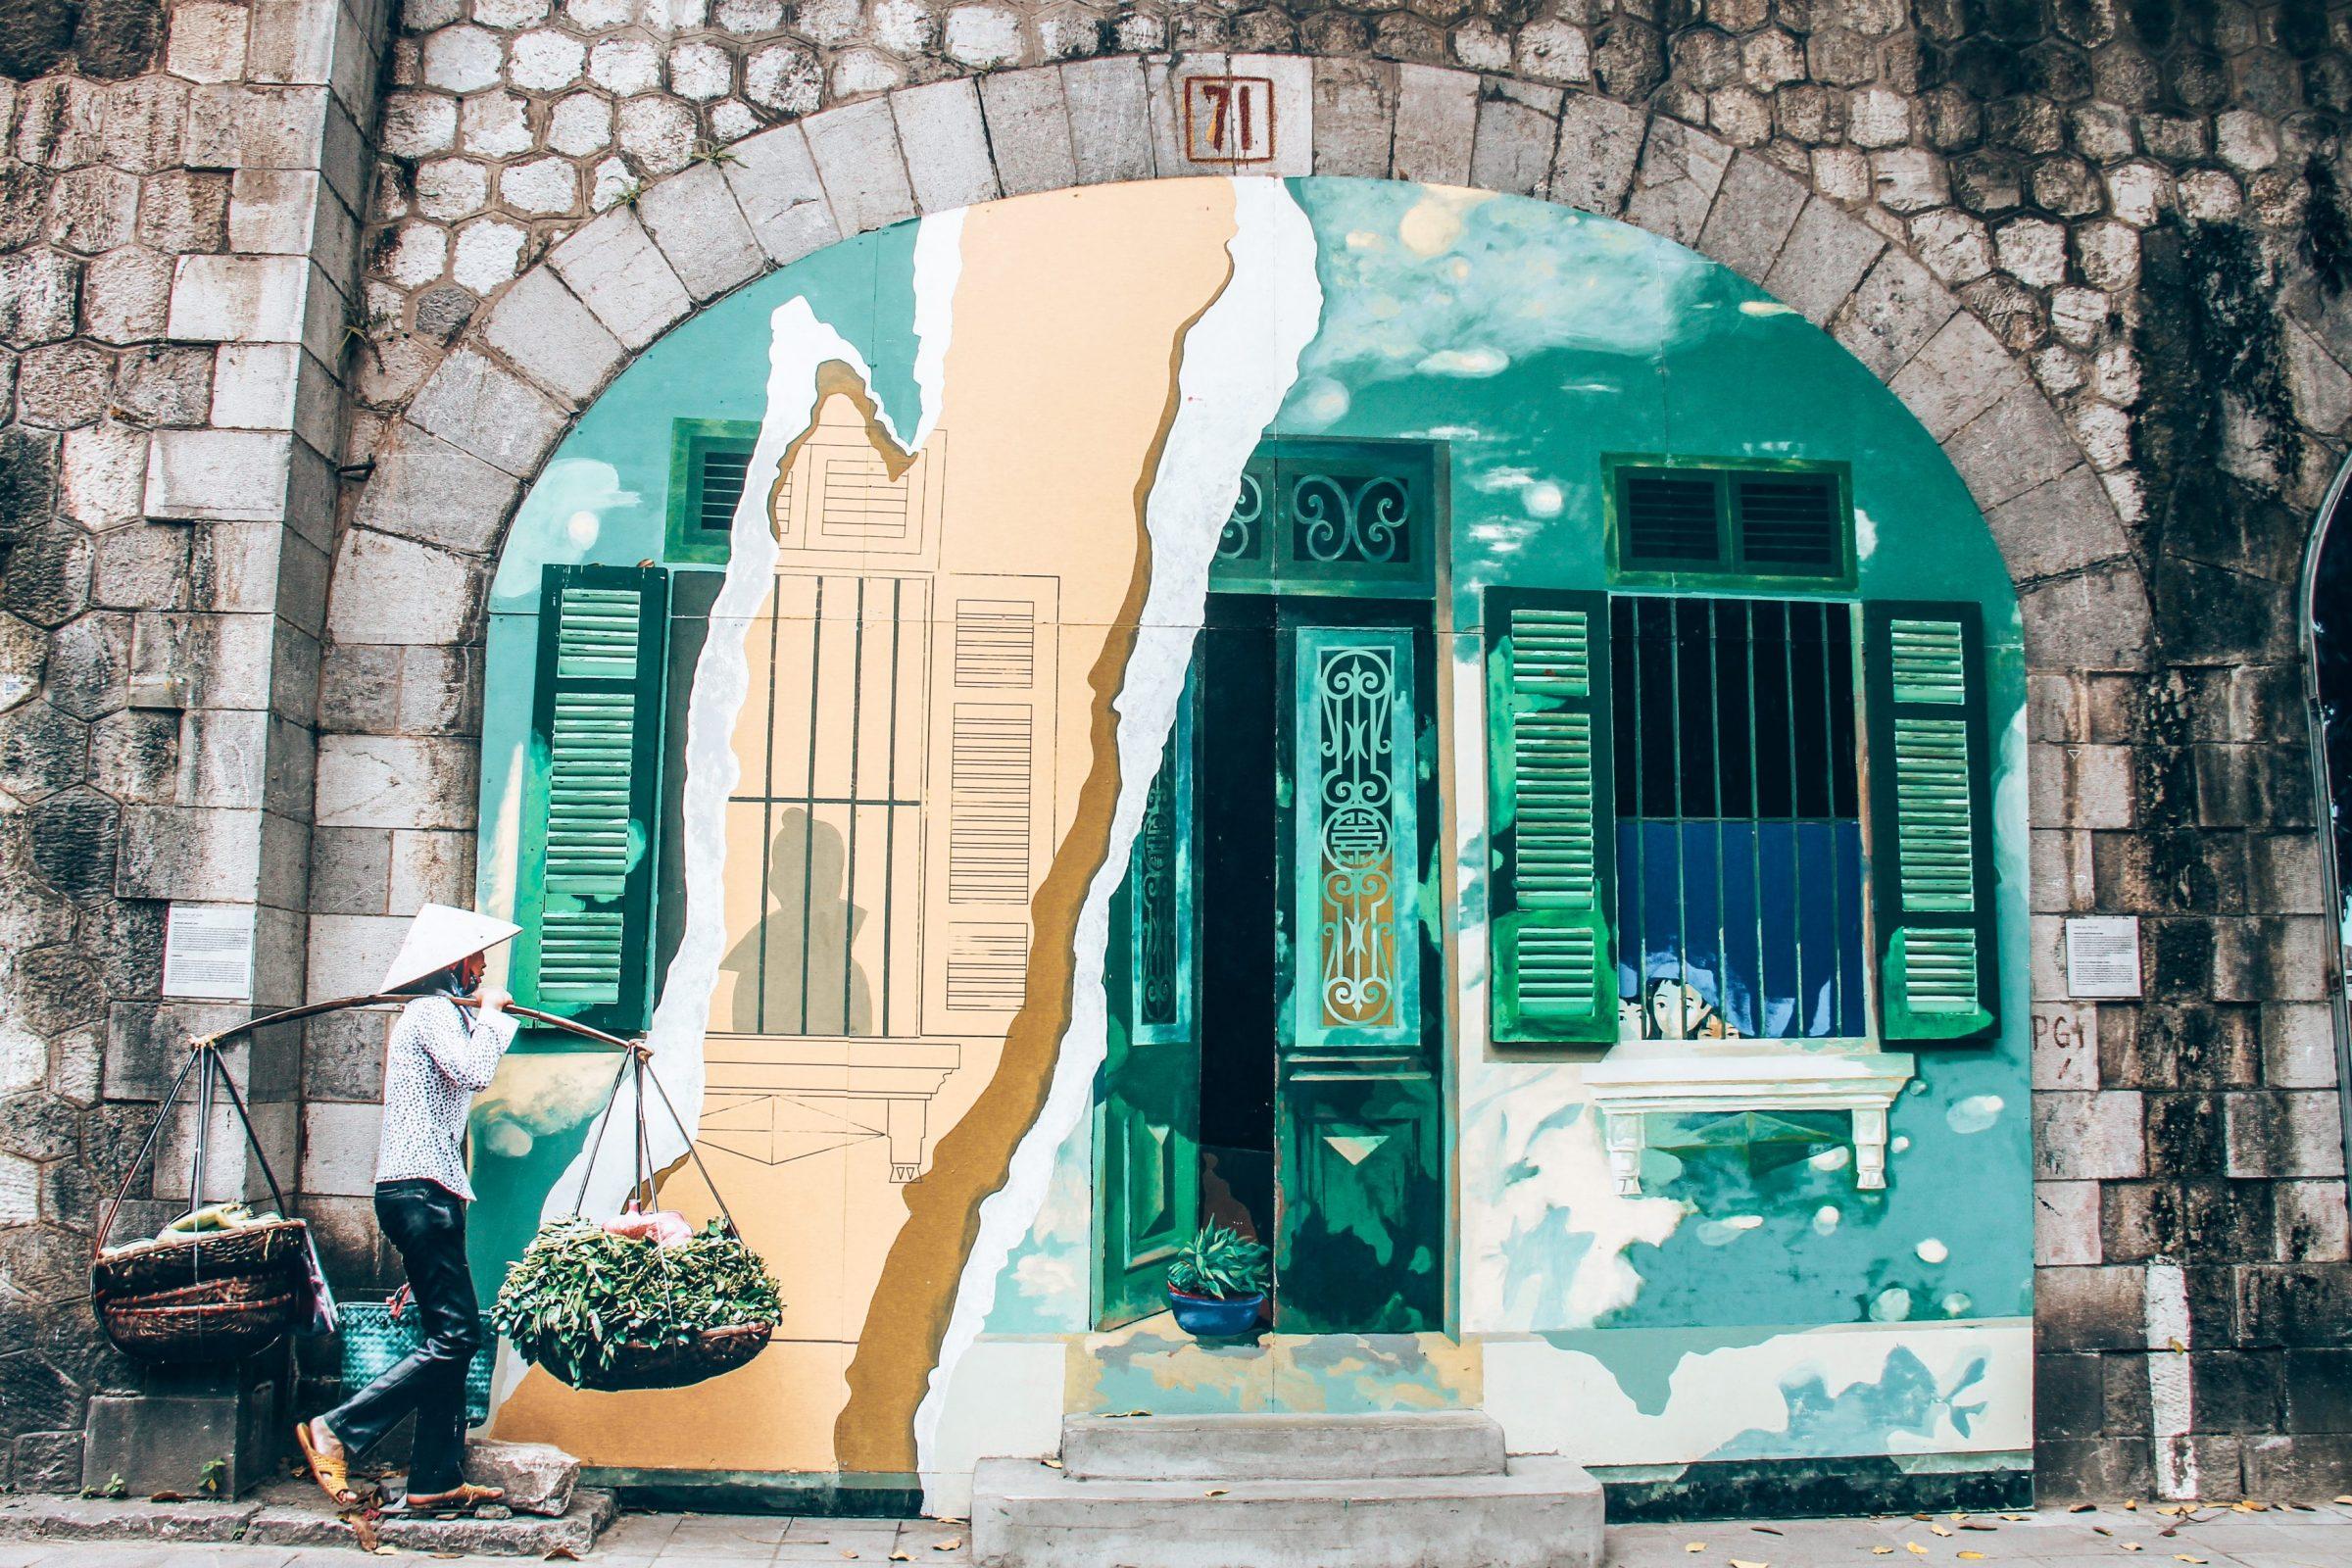 Nog een prachtig schilderij in Phung Hung Street